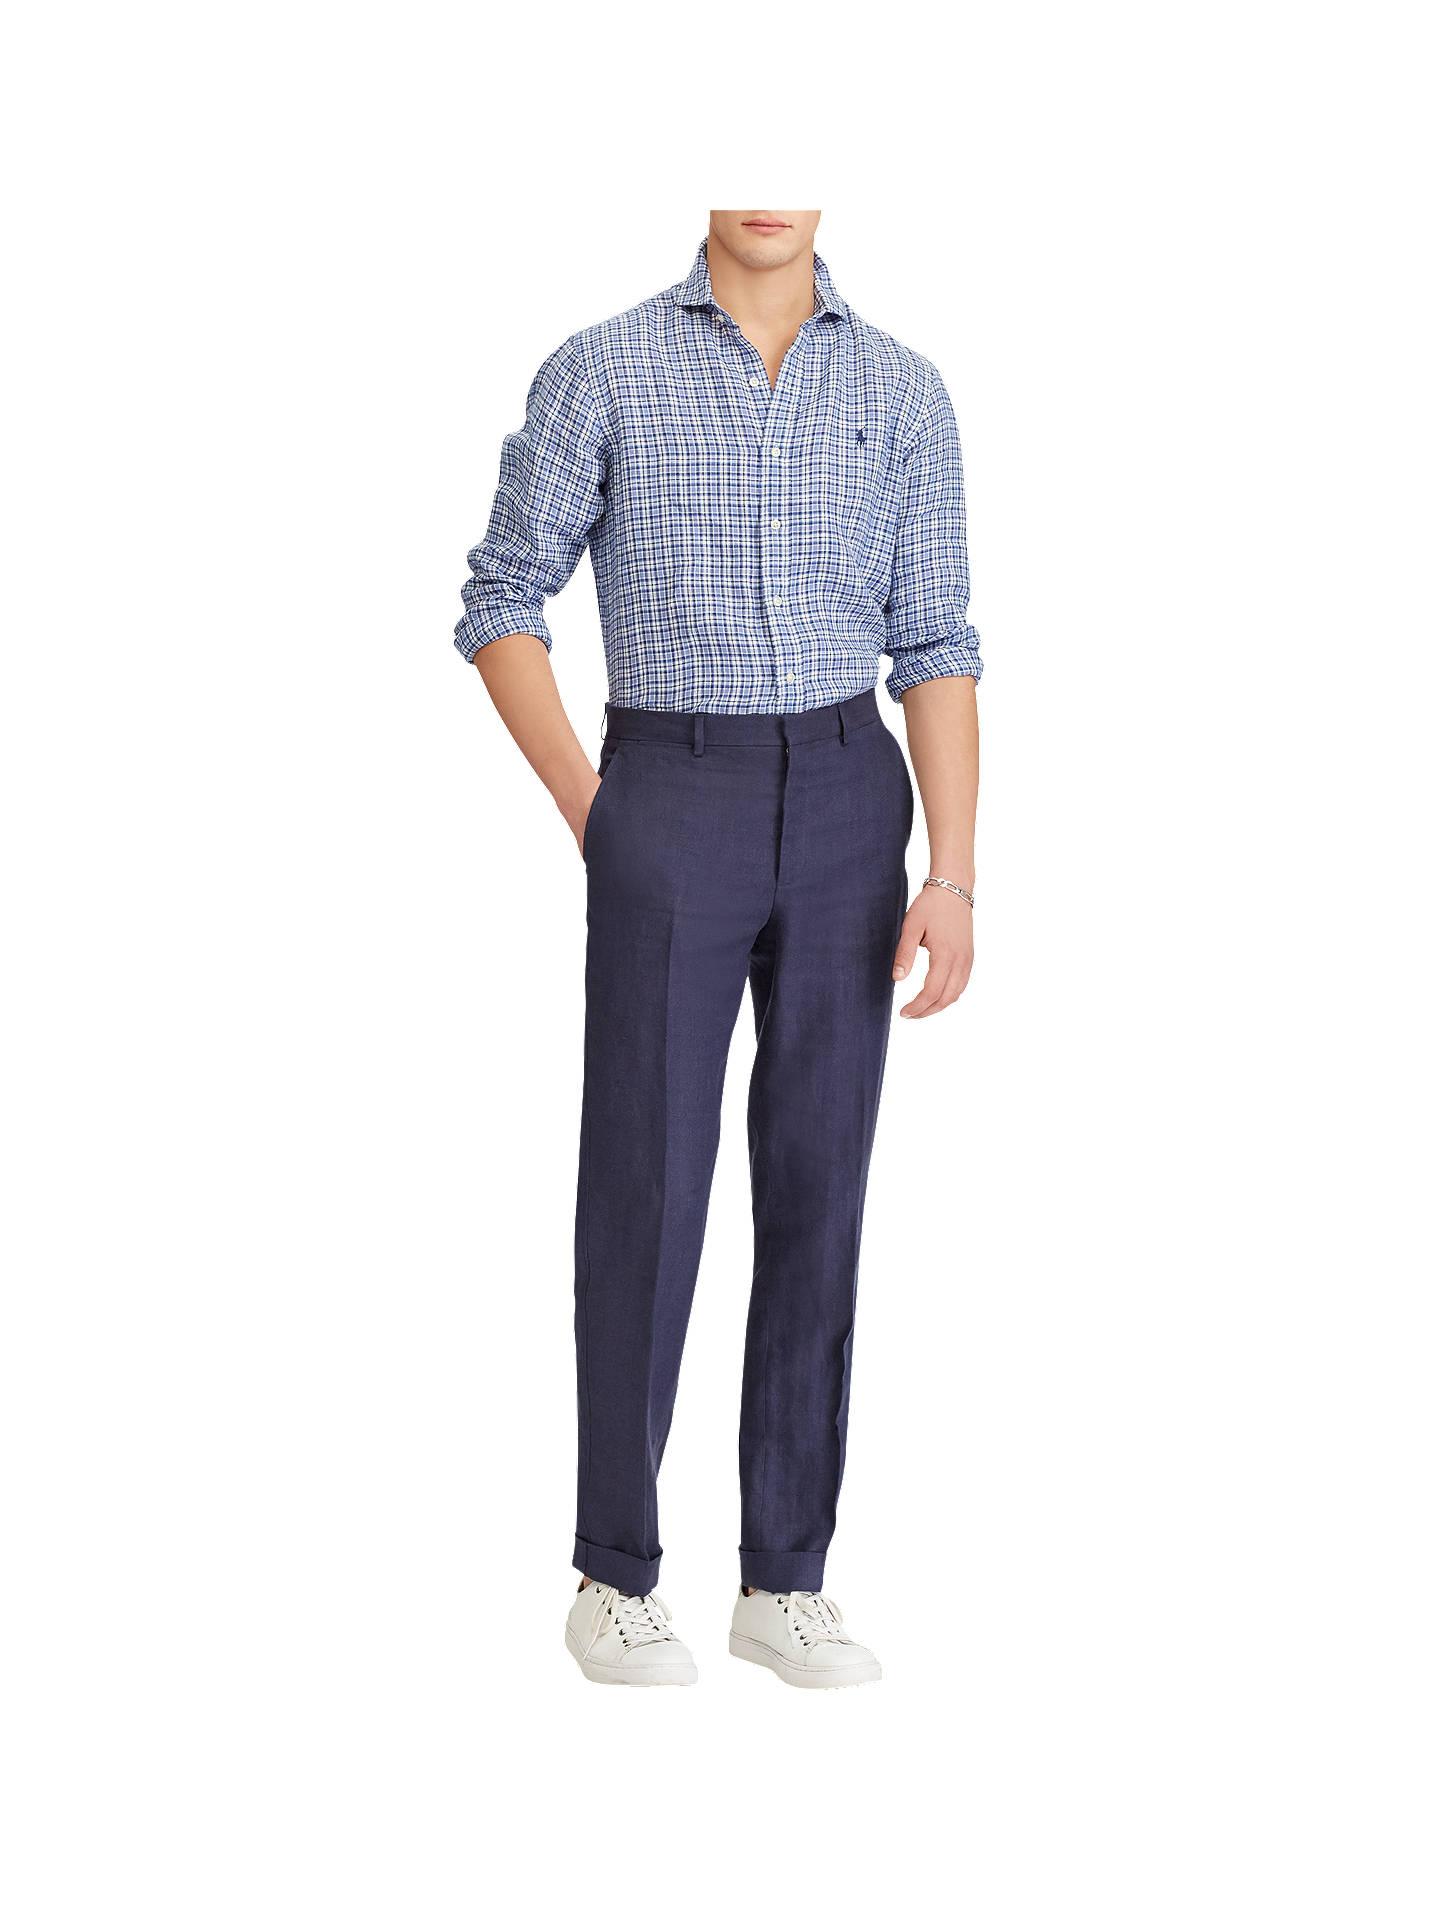 1ccc4a7a5d Ralph Lauren Linen Shirt Navy - DREAMWORKS